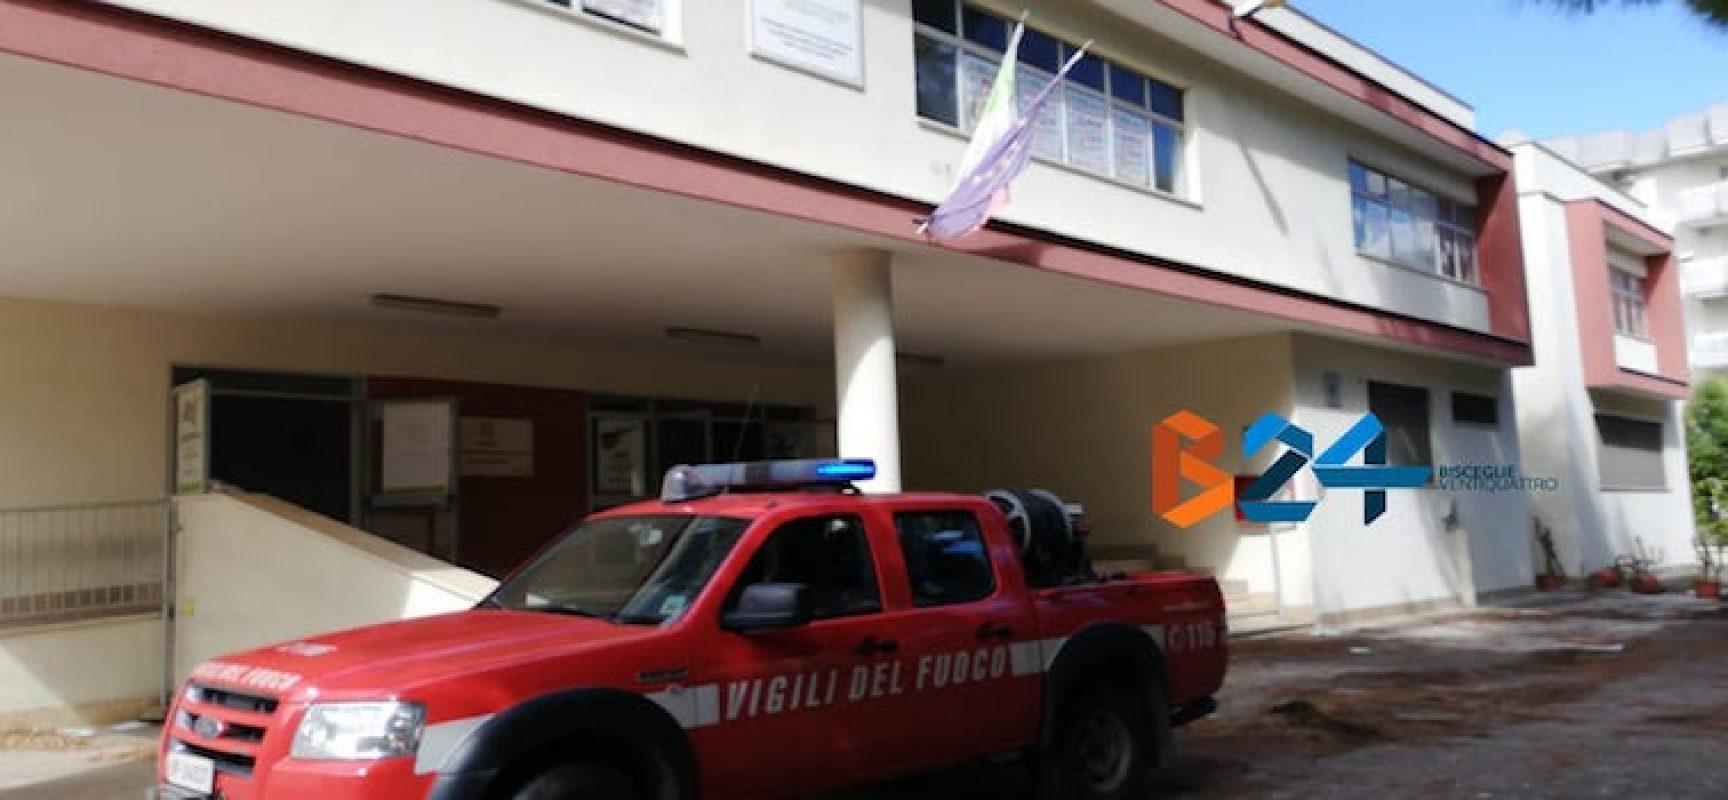 """Incendio all'Istituto Superiore """"Sergio Cosmai"""", il secondo in due settimane"""